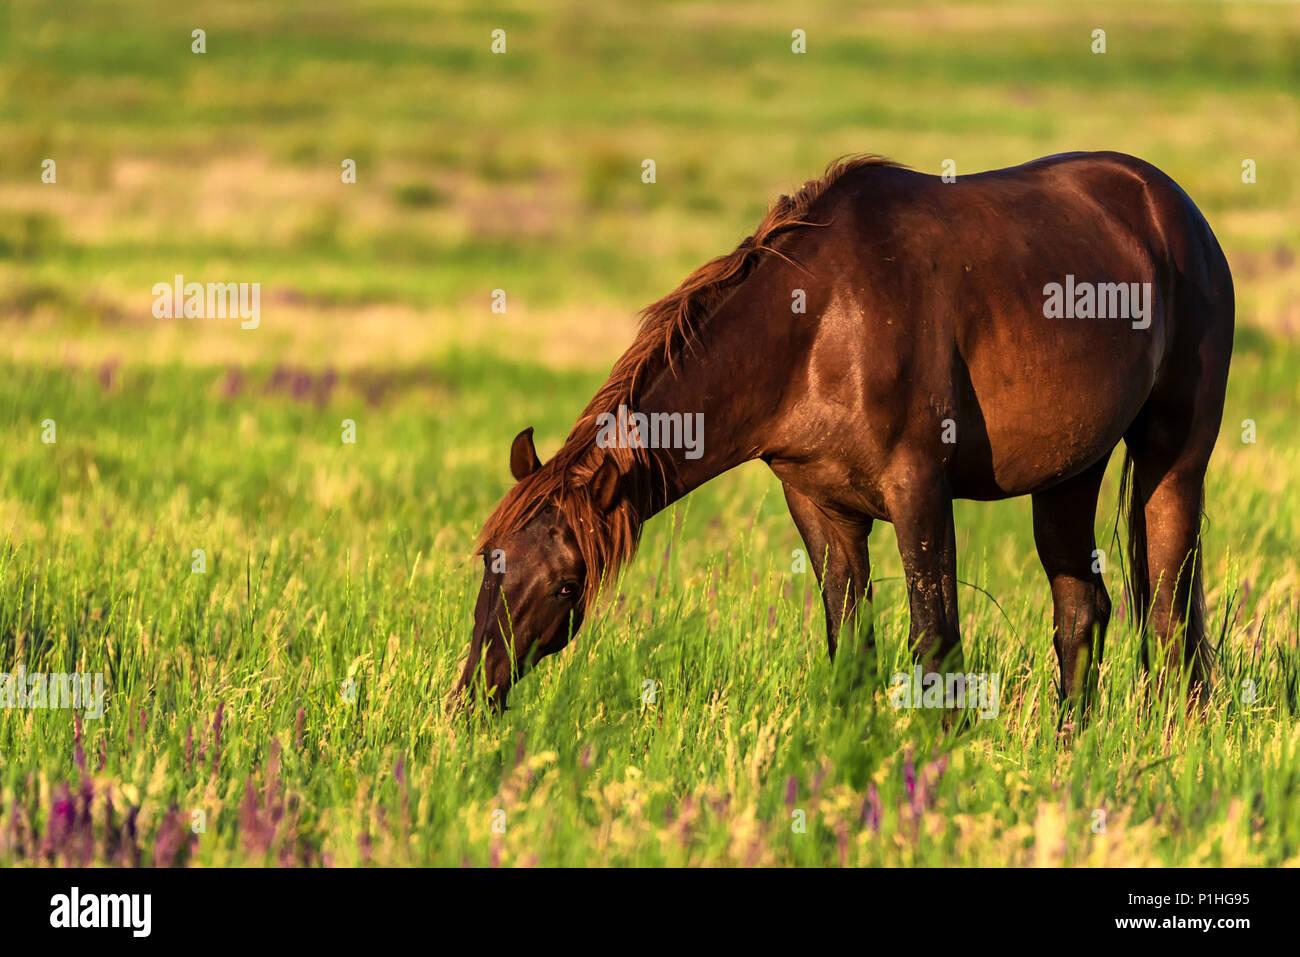 Wild Horse sfiora nel prato soleggiato Immagini Stock